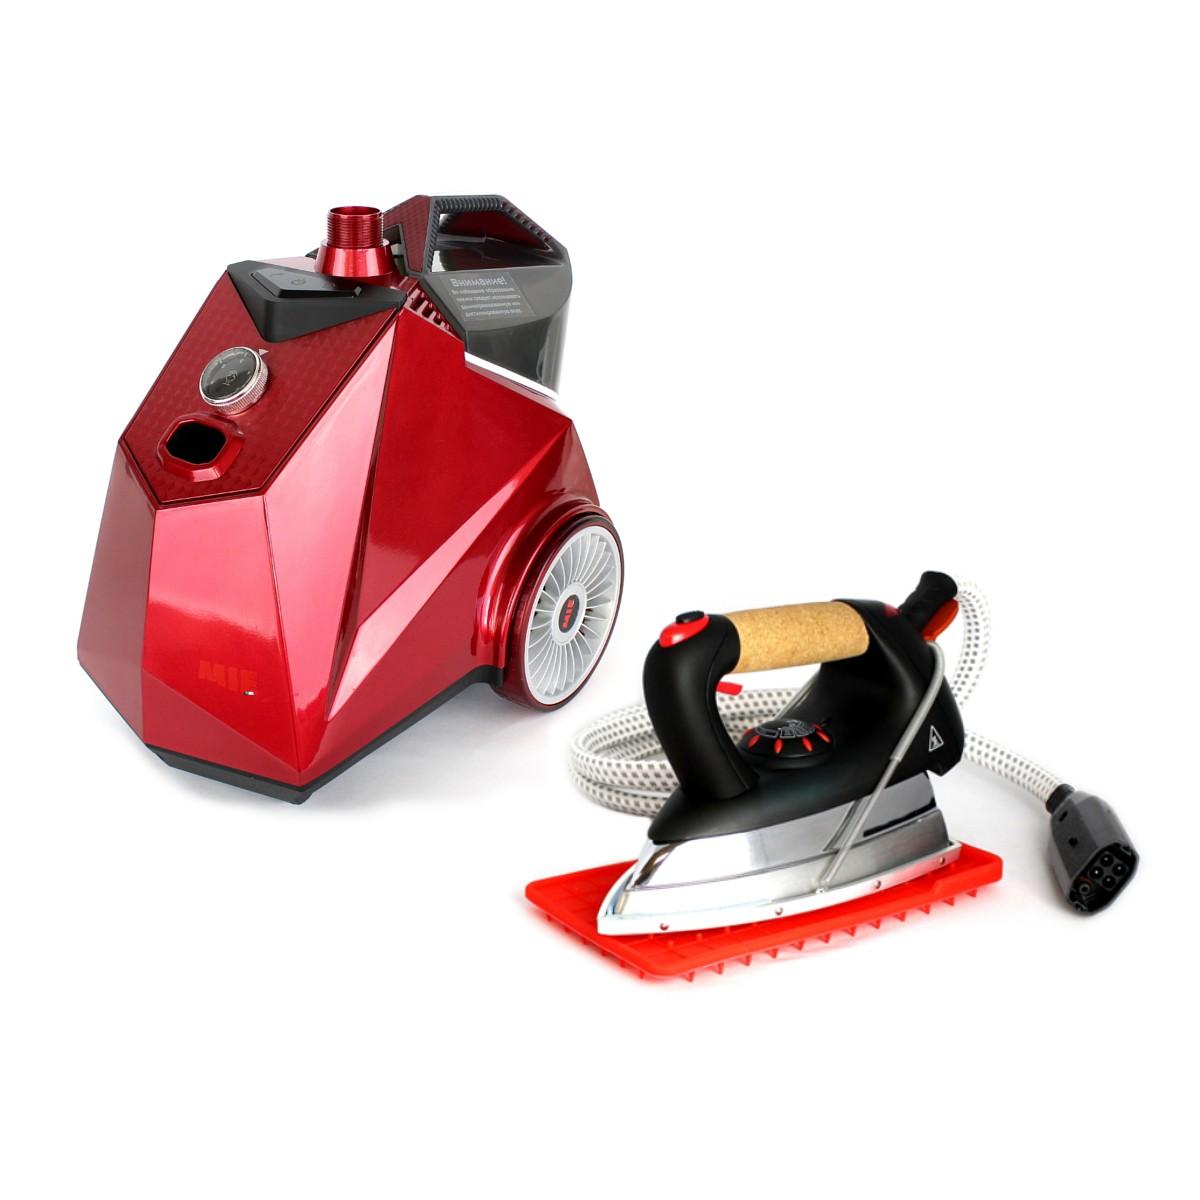 Утюг с парогенератором MIE Forza Plus Red